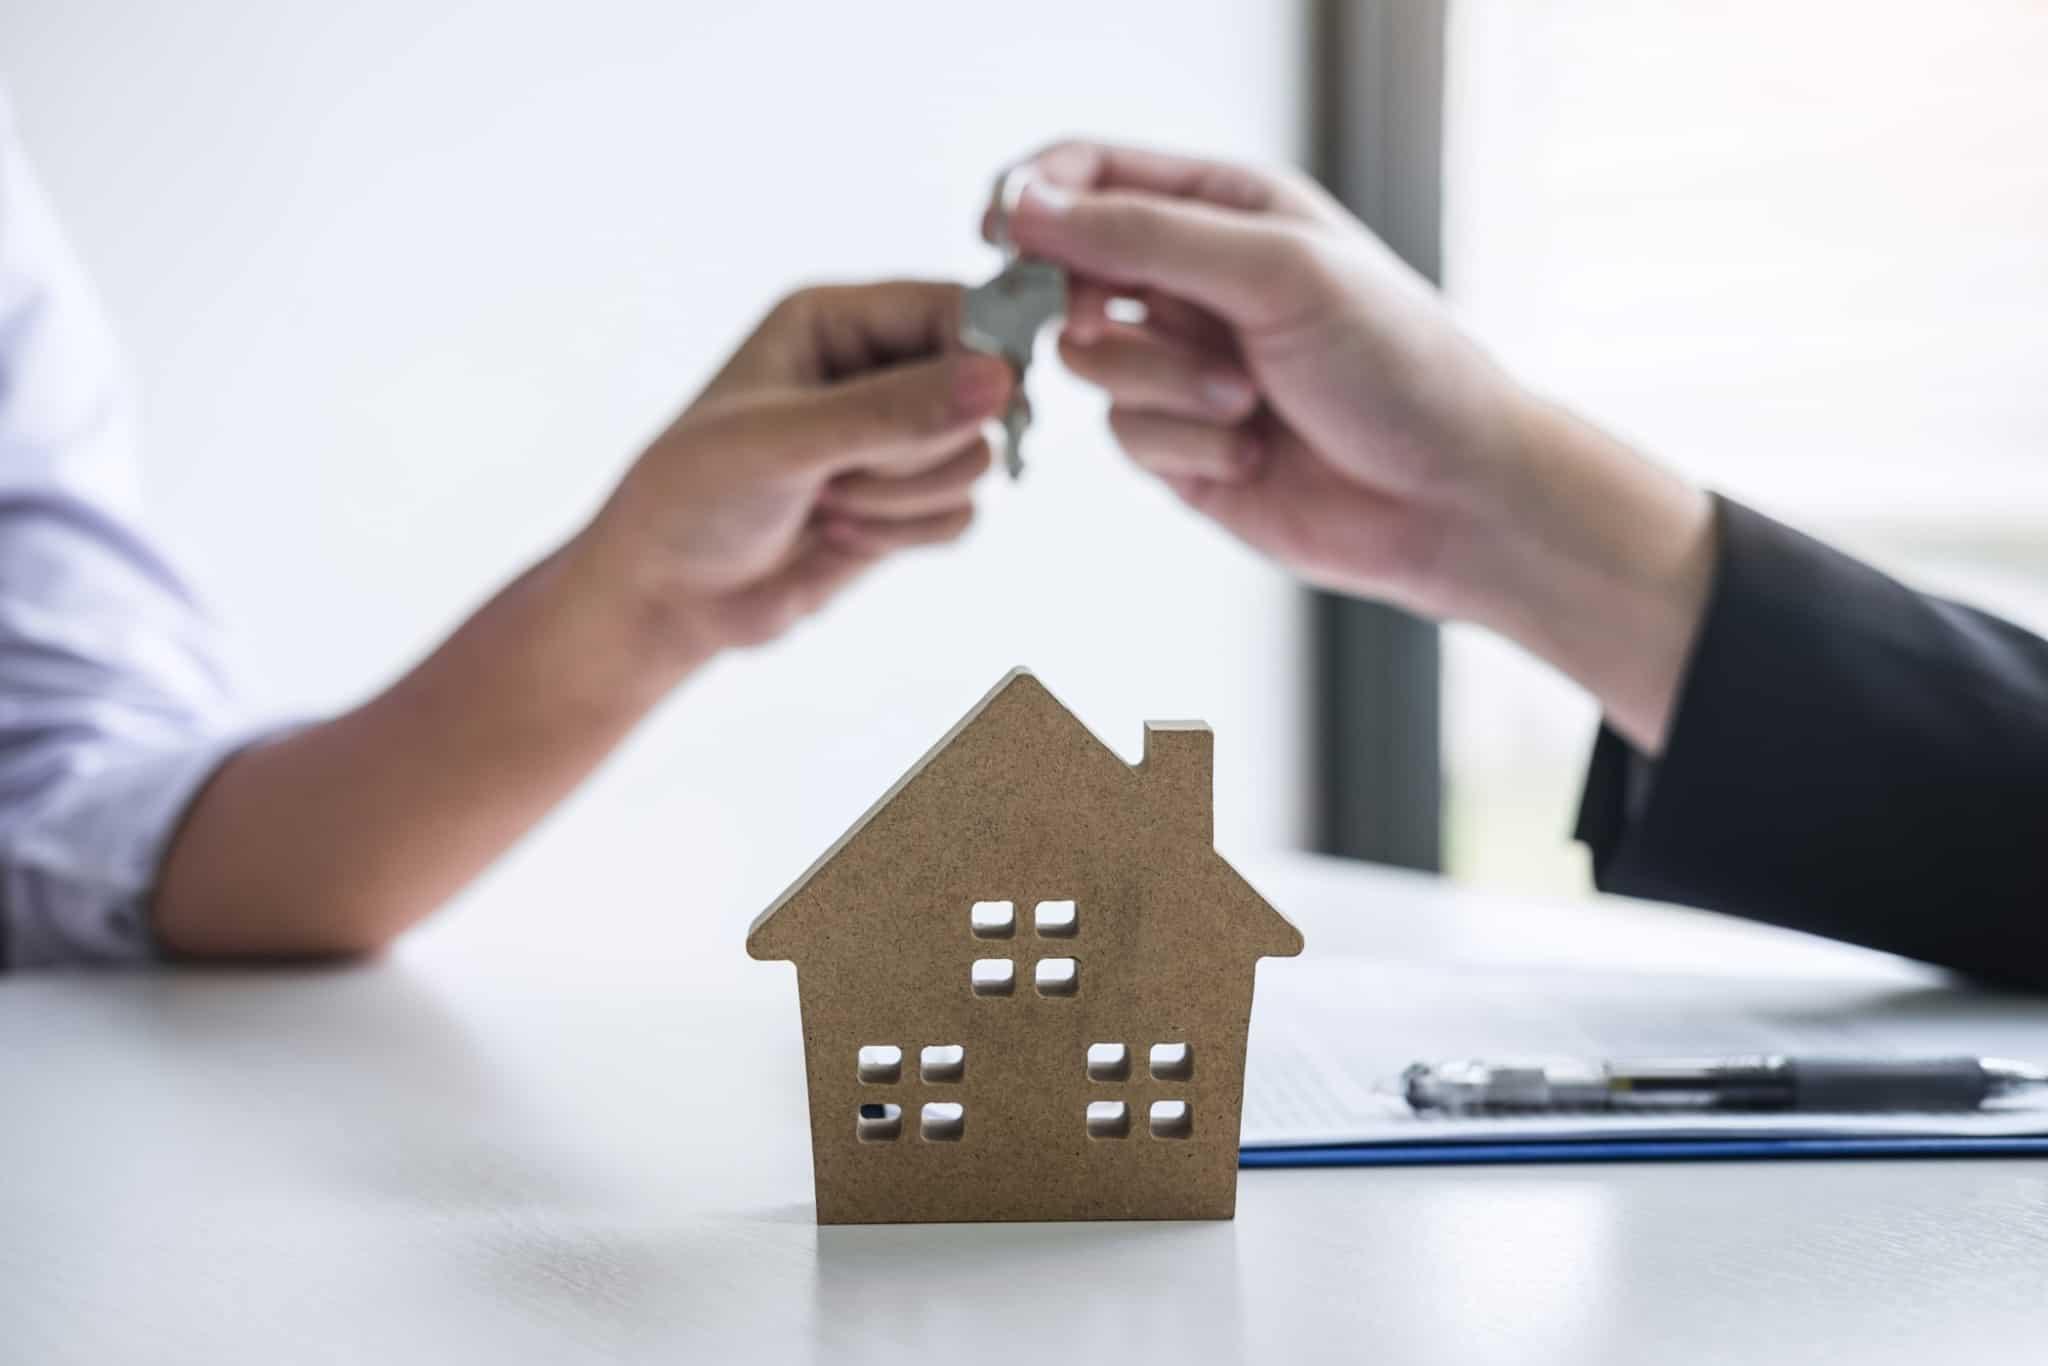 agente imobiliário a dar chave de casa a um cliente com camisa branca